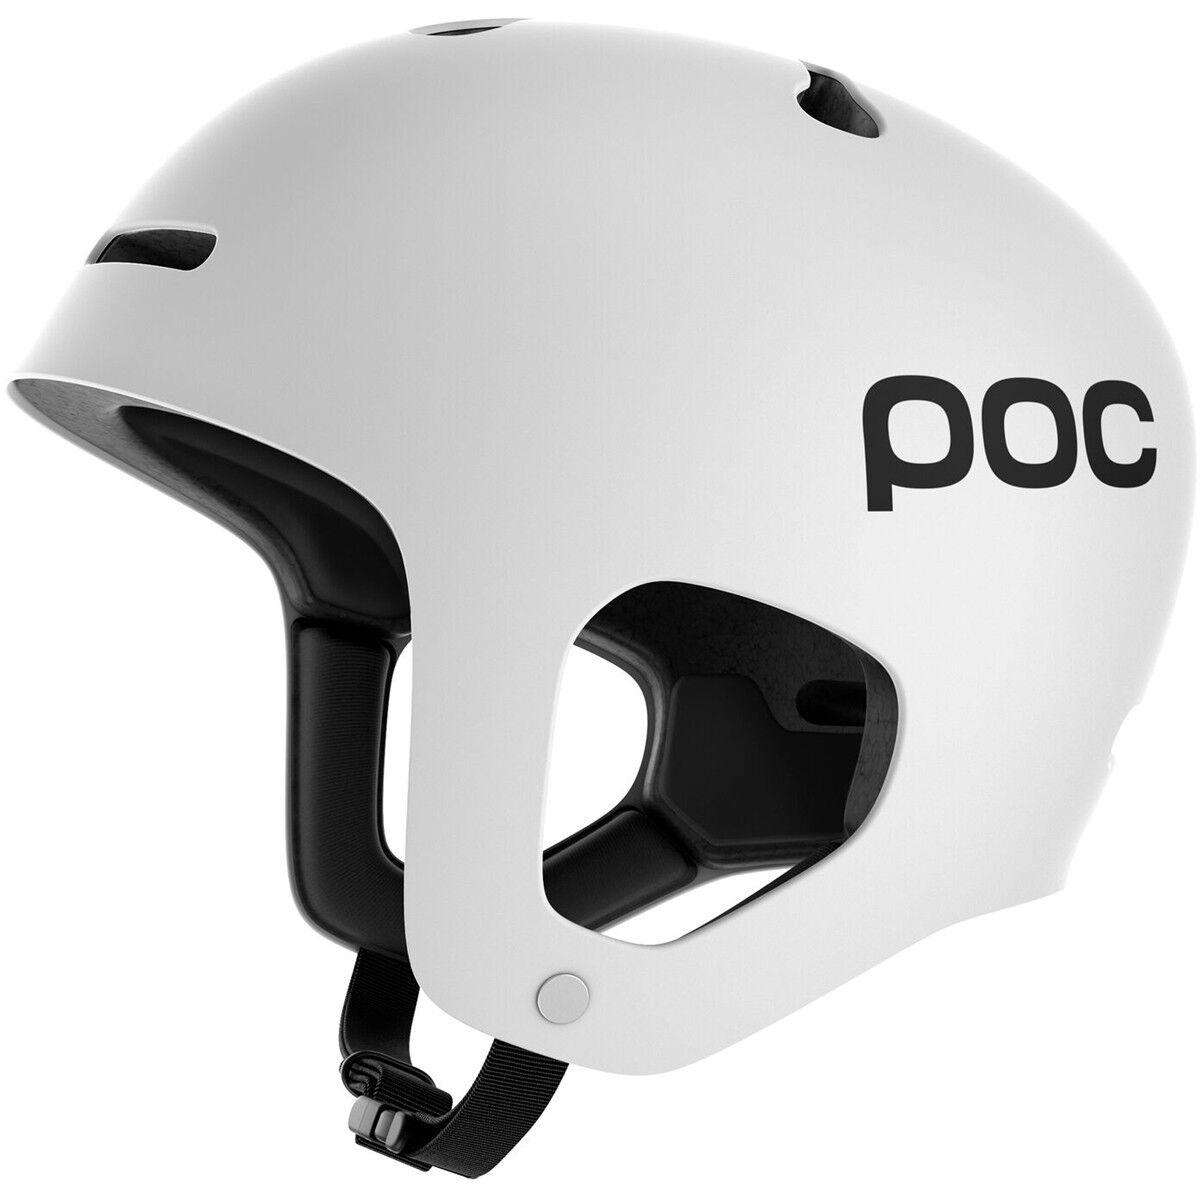 Poc Auric Snow Ski Skiing Helmet Hydrogen White XLarge XXLarge XL XXL 59 62 cm